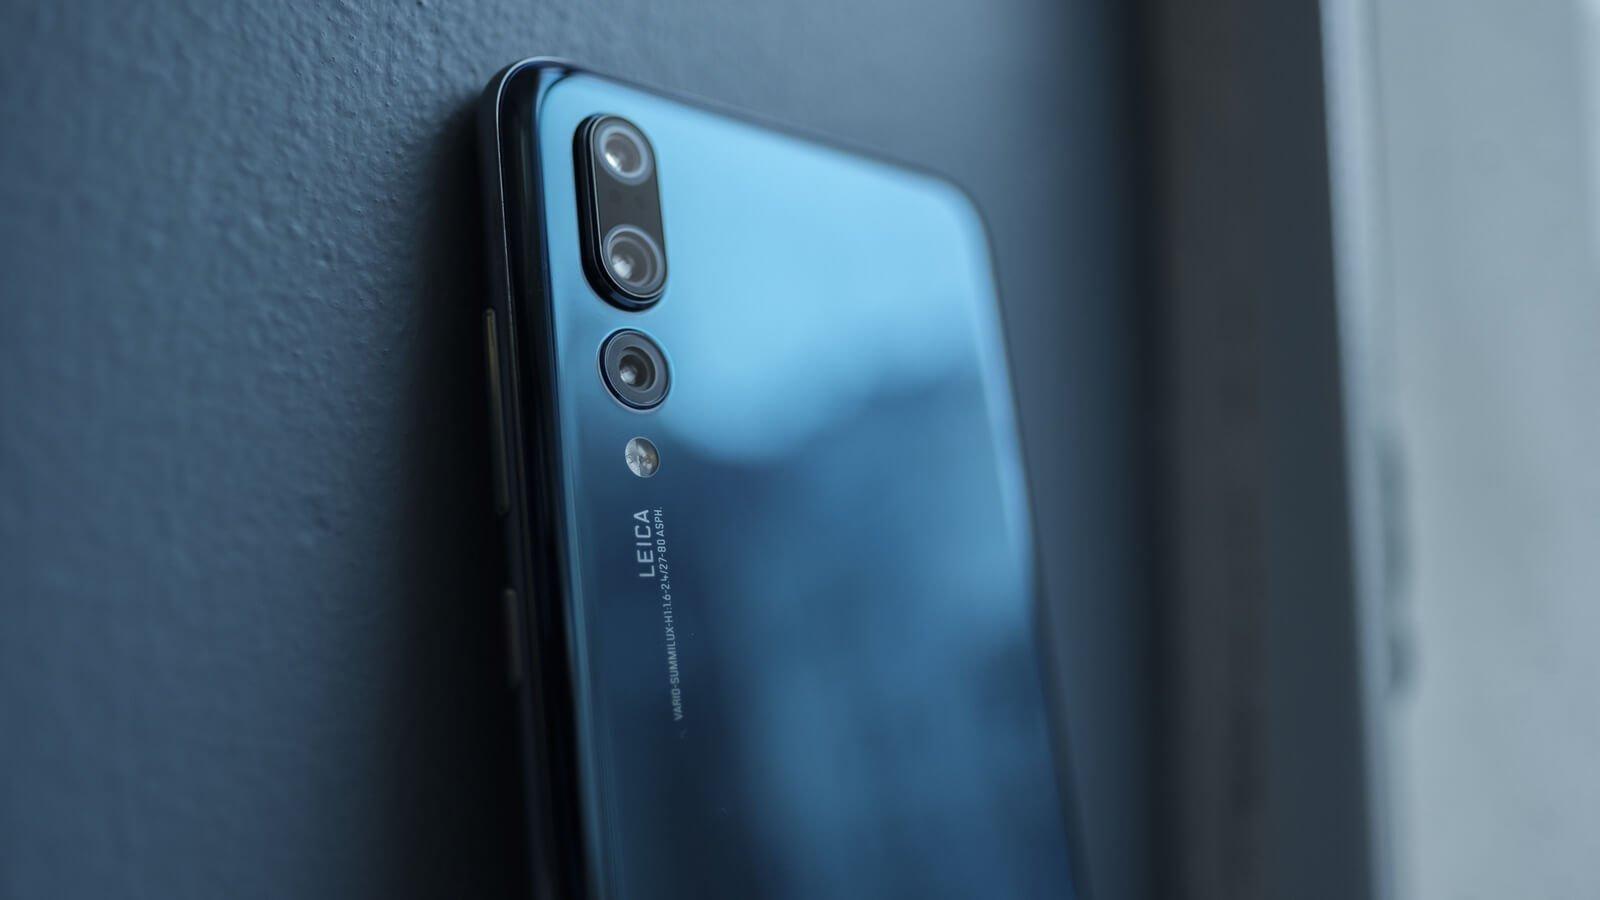 Lenovo готовит полную копию Huawei P20 Pro. У компании закончились идеи?